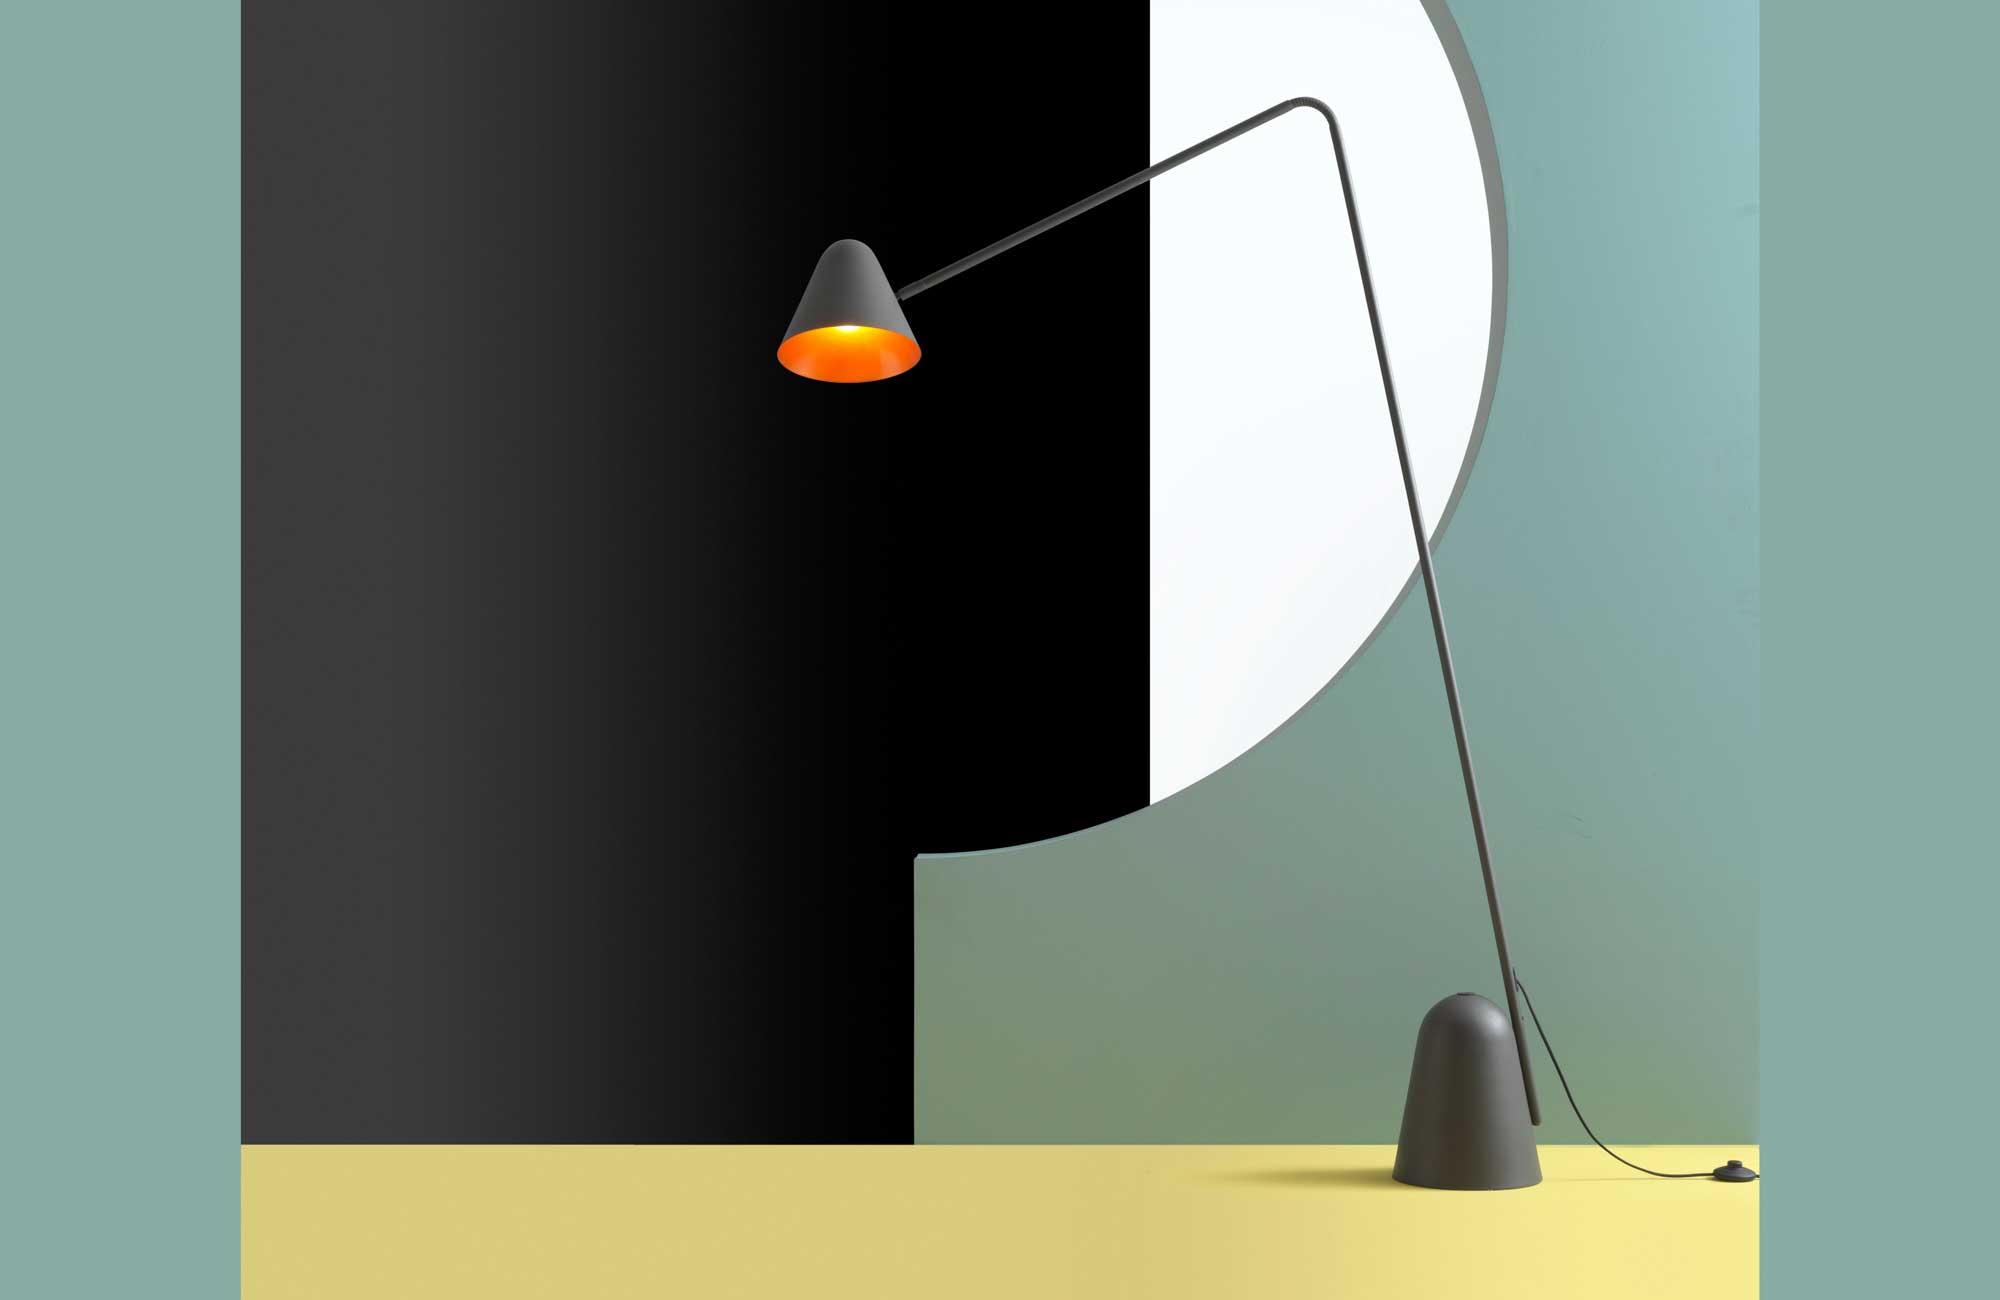 Напольная лампа Pylaz от Pode